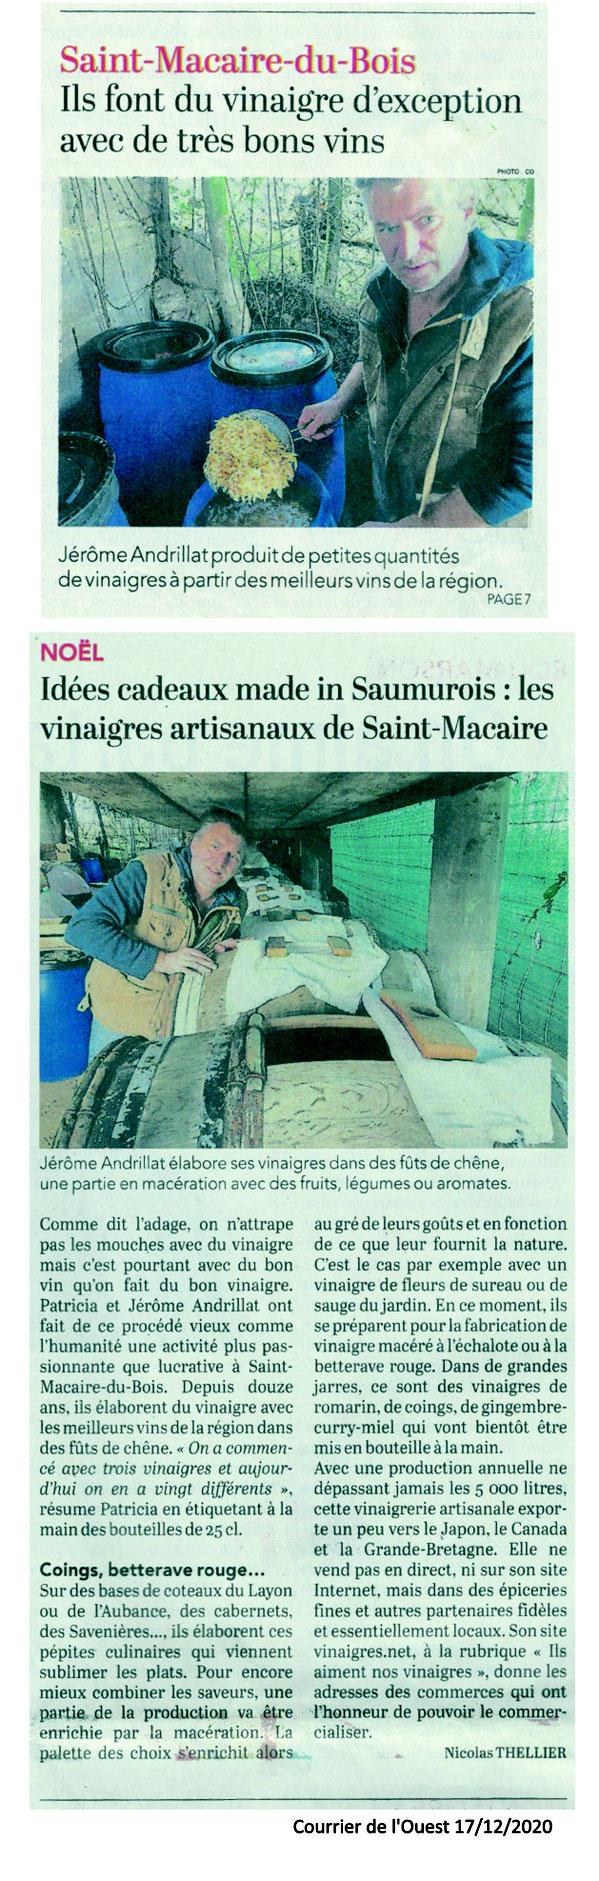 Courrier de l'Ouest Saumur du 17 décembre 2020